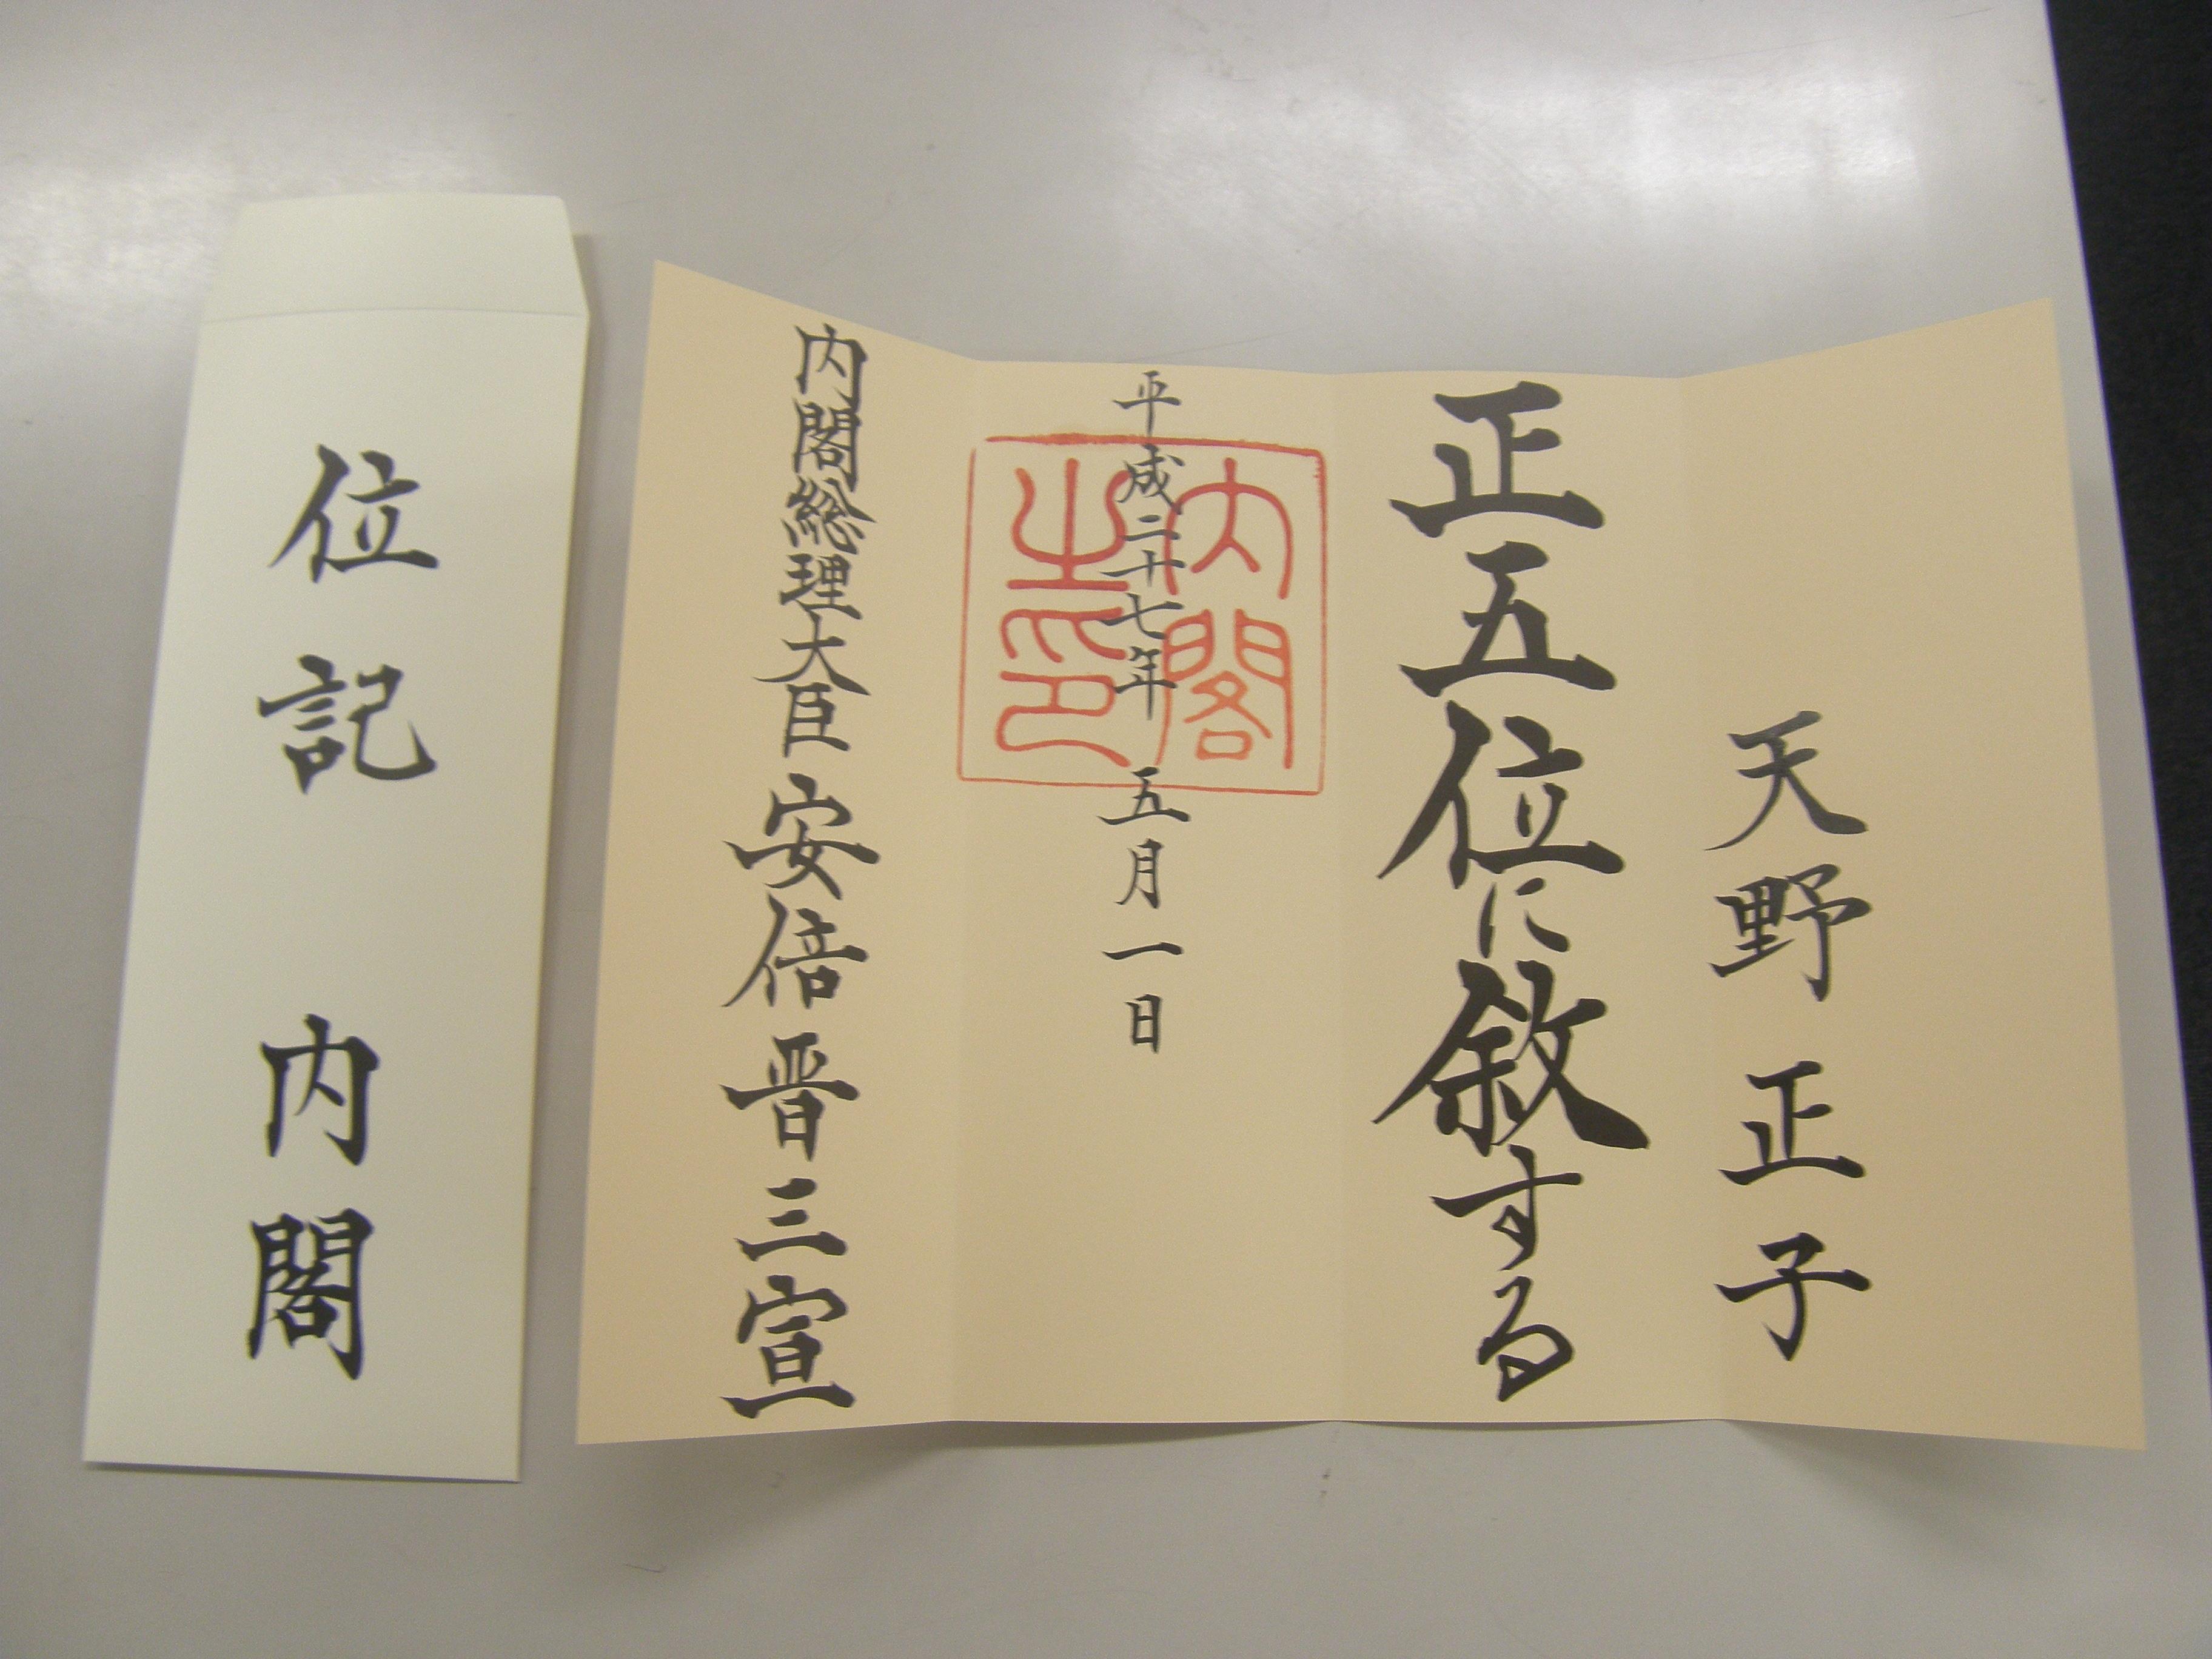 故天野正子前学長先生 叙位・叙勲について | 東京家政学院大学